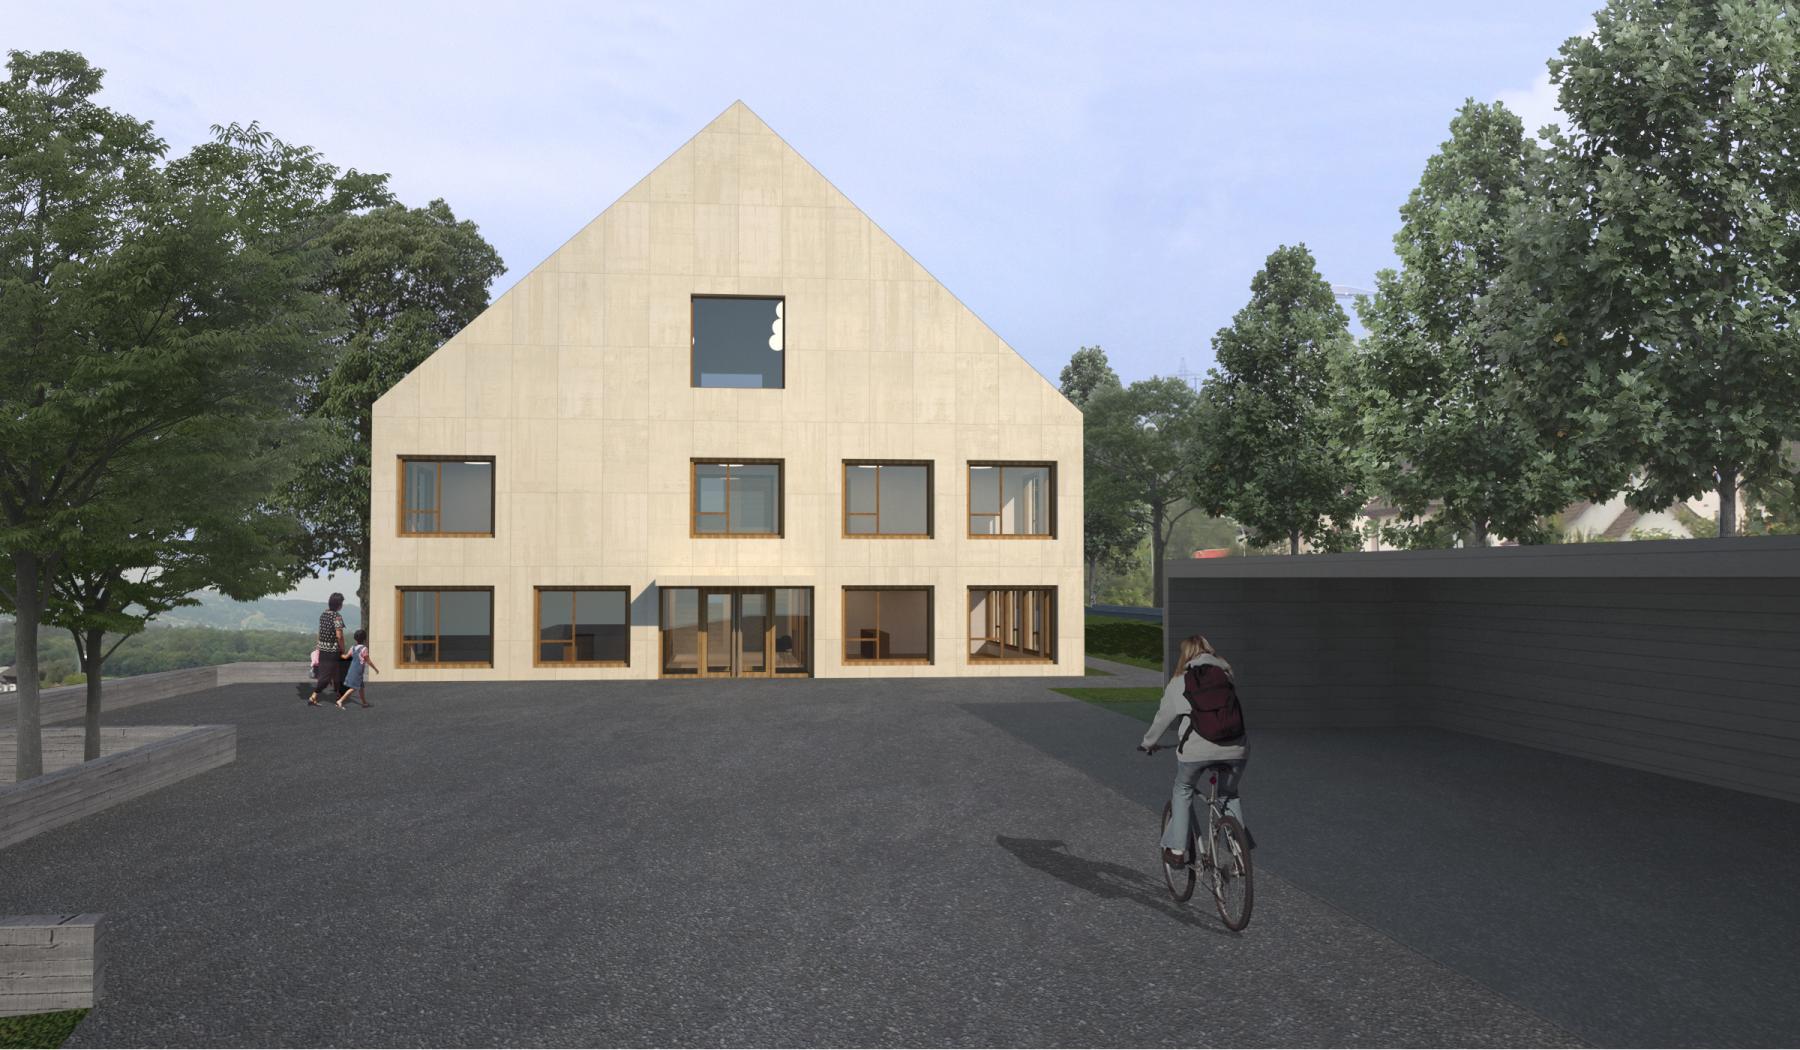 Neubau Gemeindehaus und Bauamt, Fischbach-Göslikon, GREDIG WALSER ARCHITEKTEN, ursus